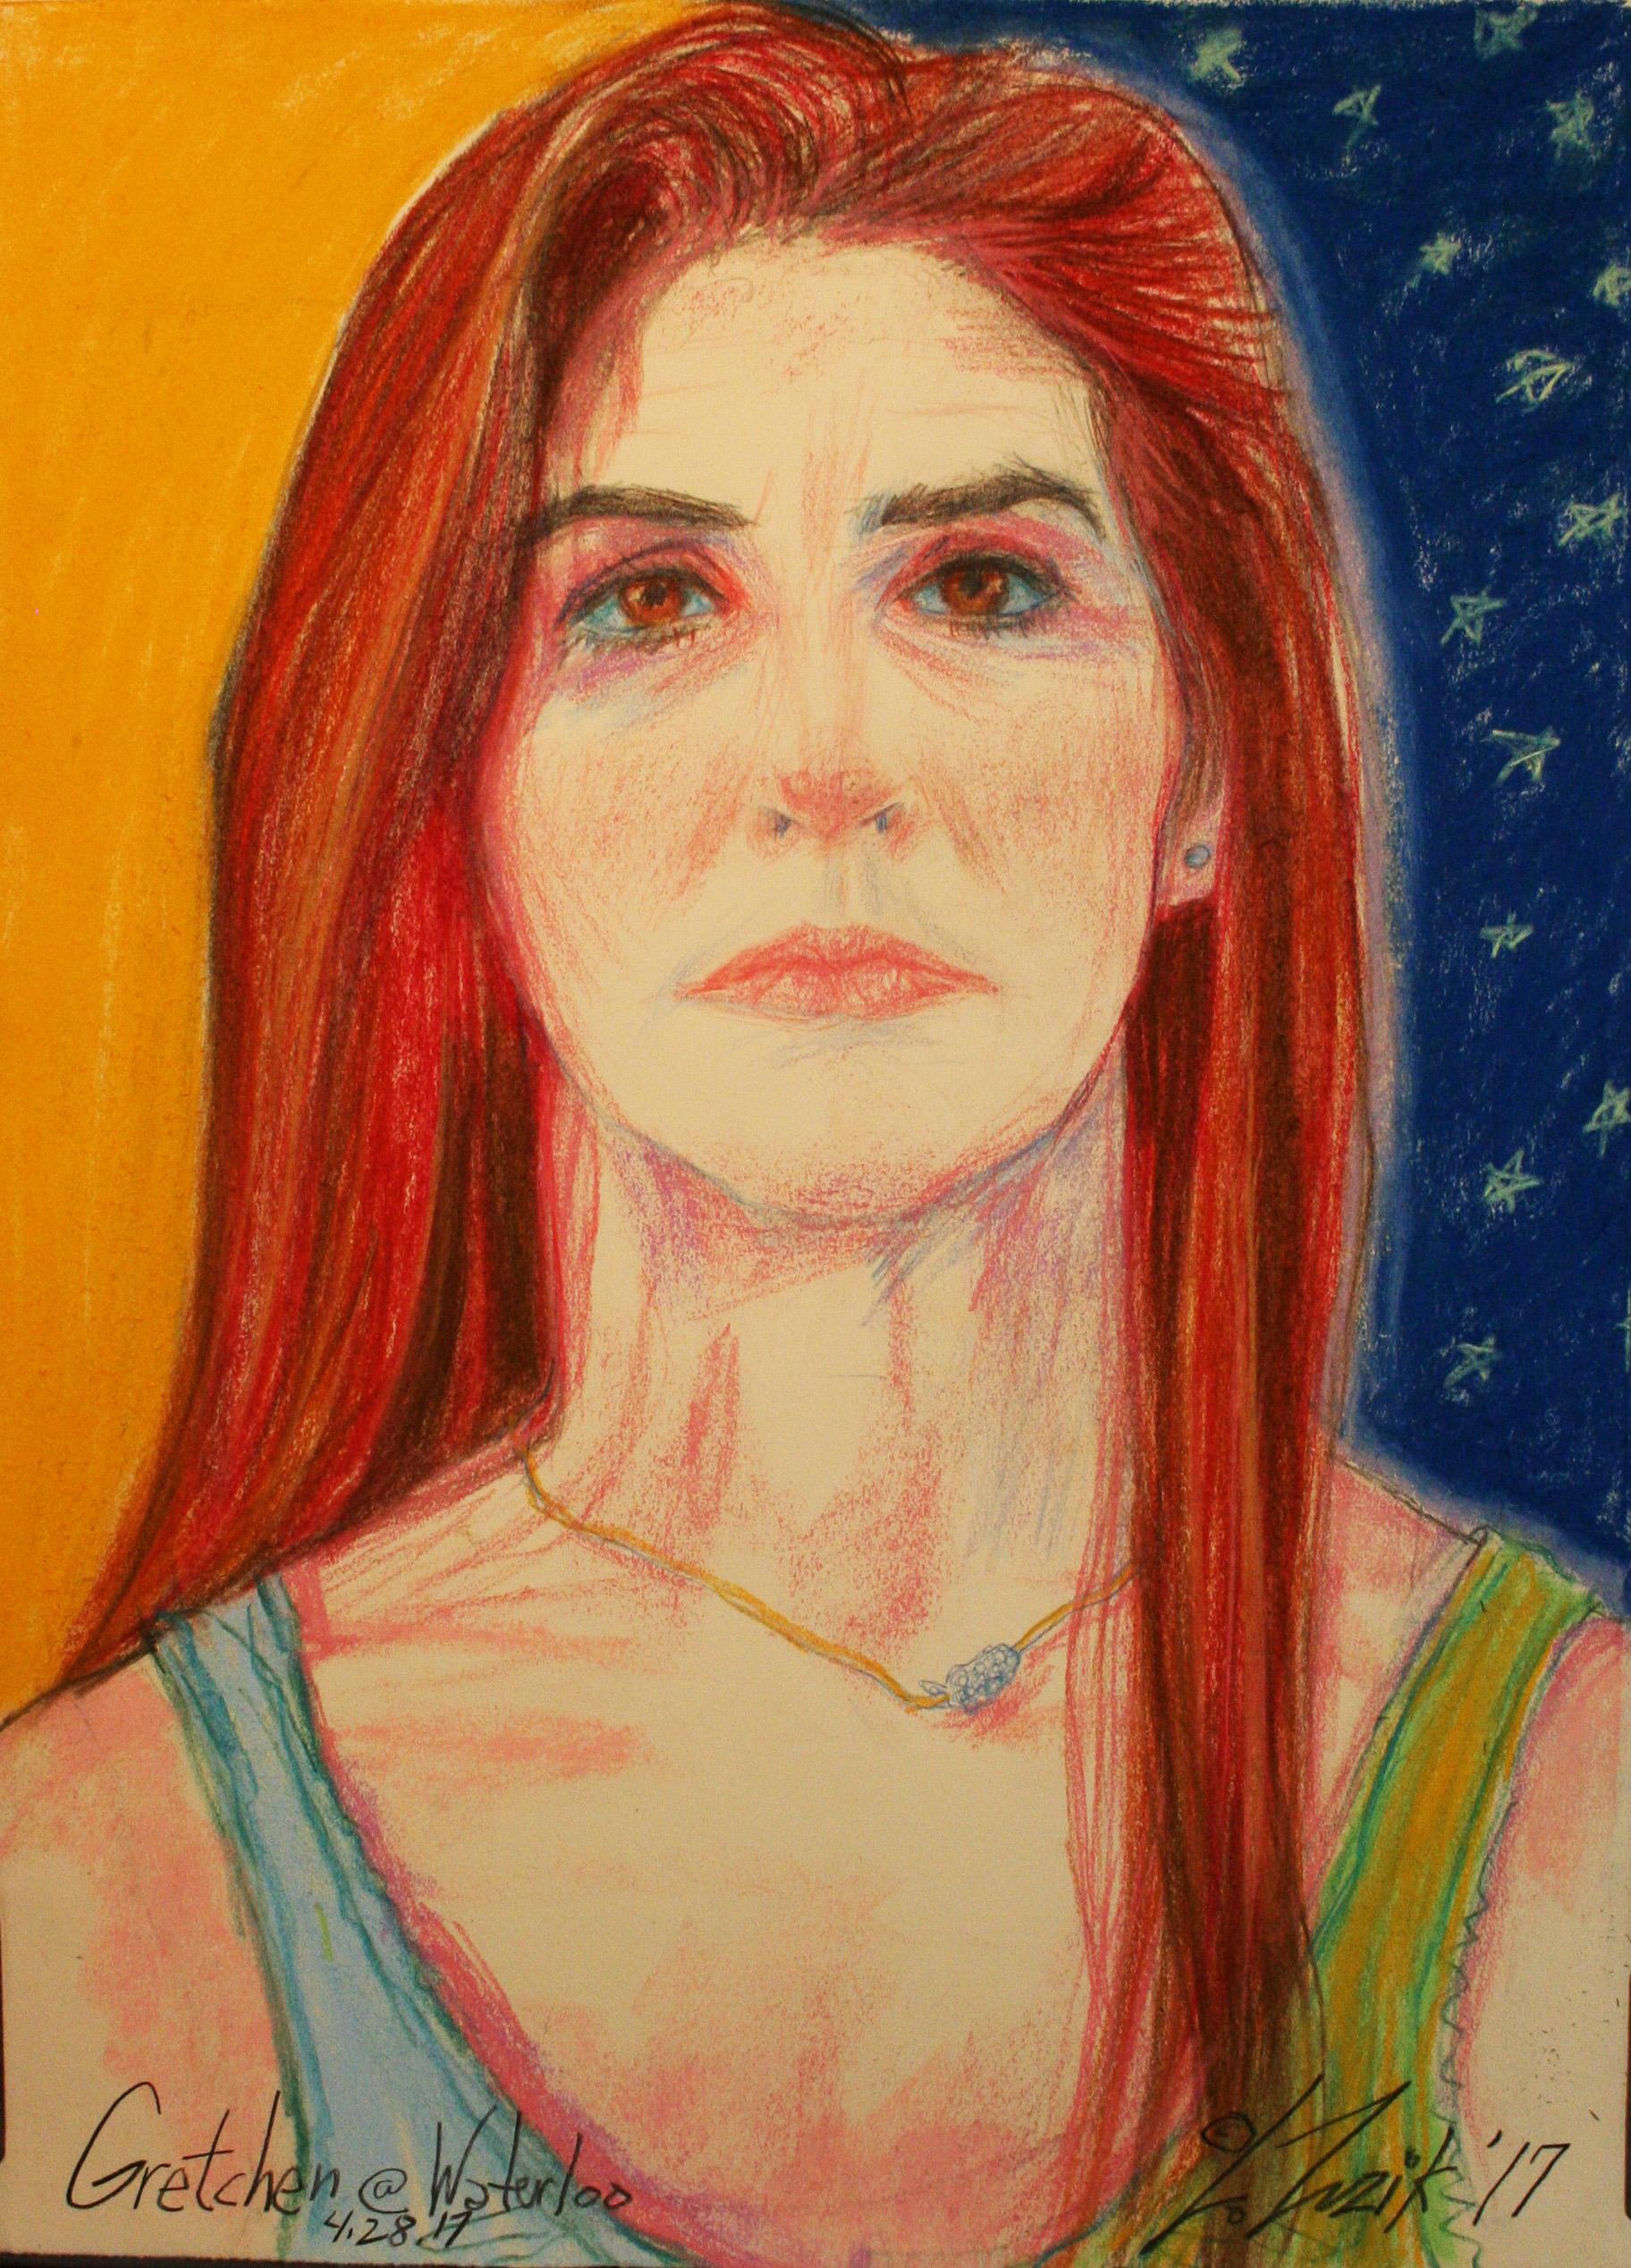 Larry Zuzik did this 3-hour pastel portrait.